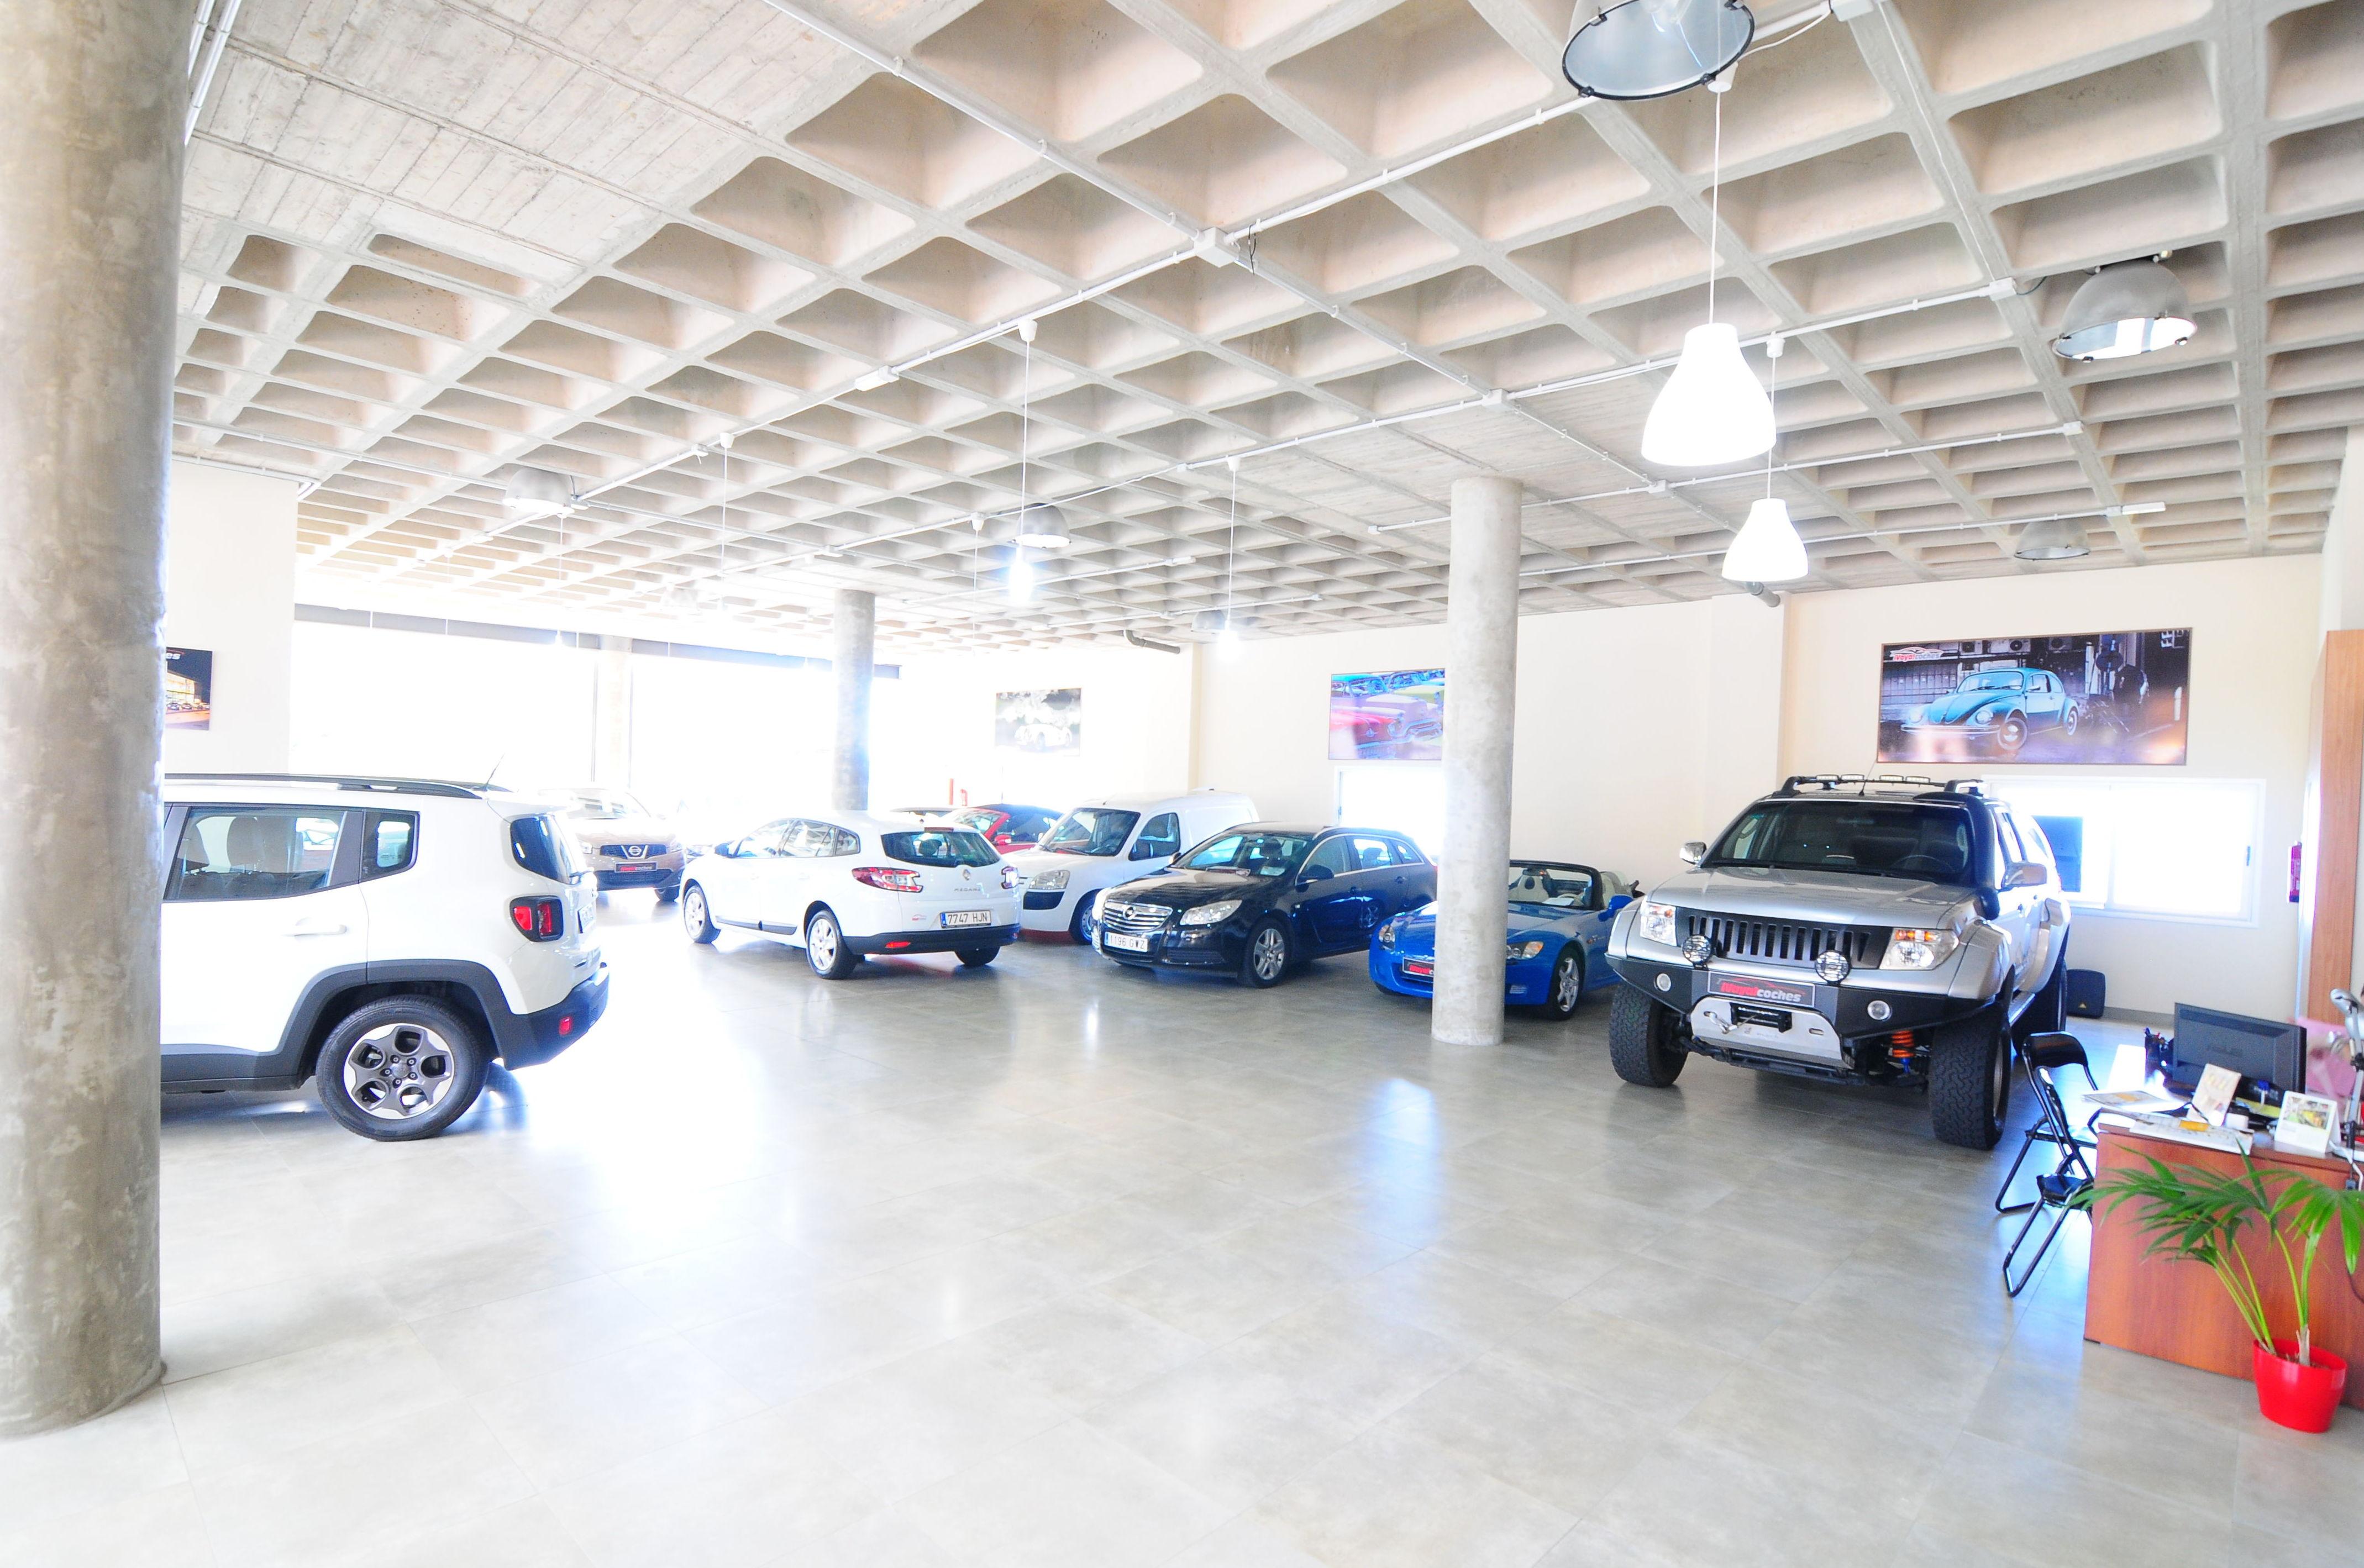 Foto 18 de Concesionario de coches en Los Realejos | VAYA COCHES SL